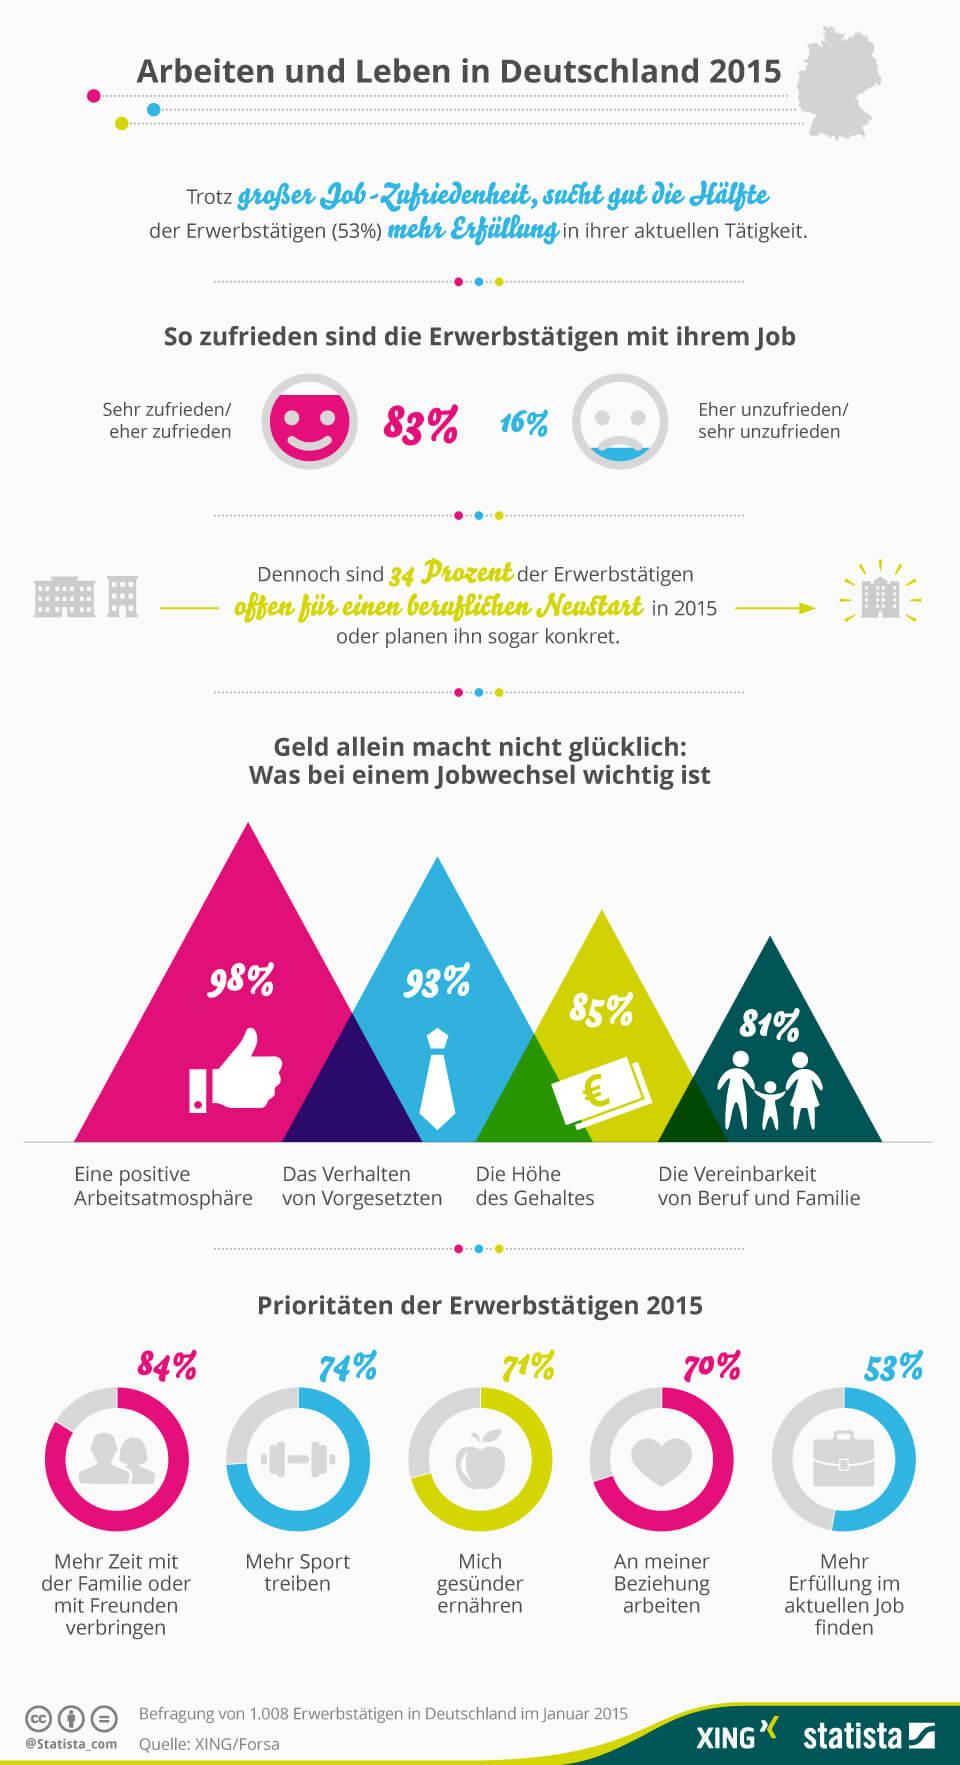 Infografik zum Thema Arbeiten und Leben in Deutschland